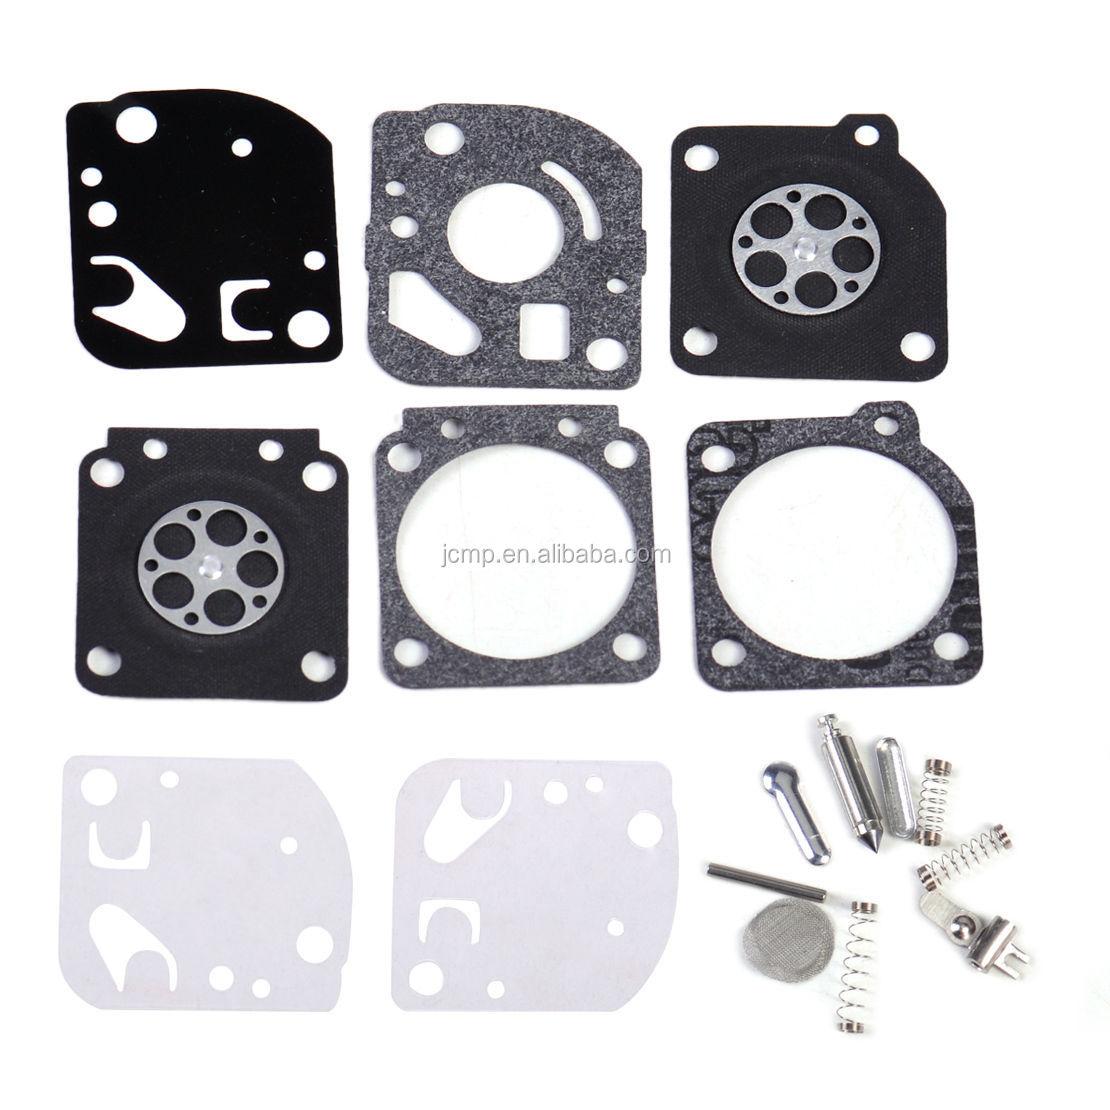 Carburetor Rebuild Kit C1U-P7 C1U-H33 C1U-H39 A for Homelite C1U-H47 Set